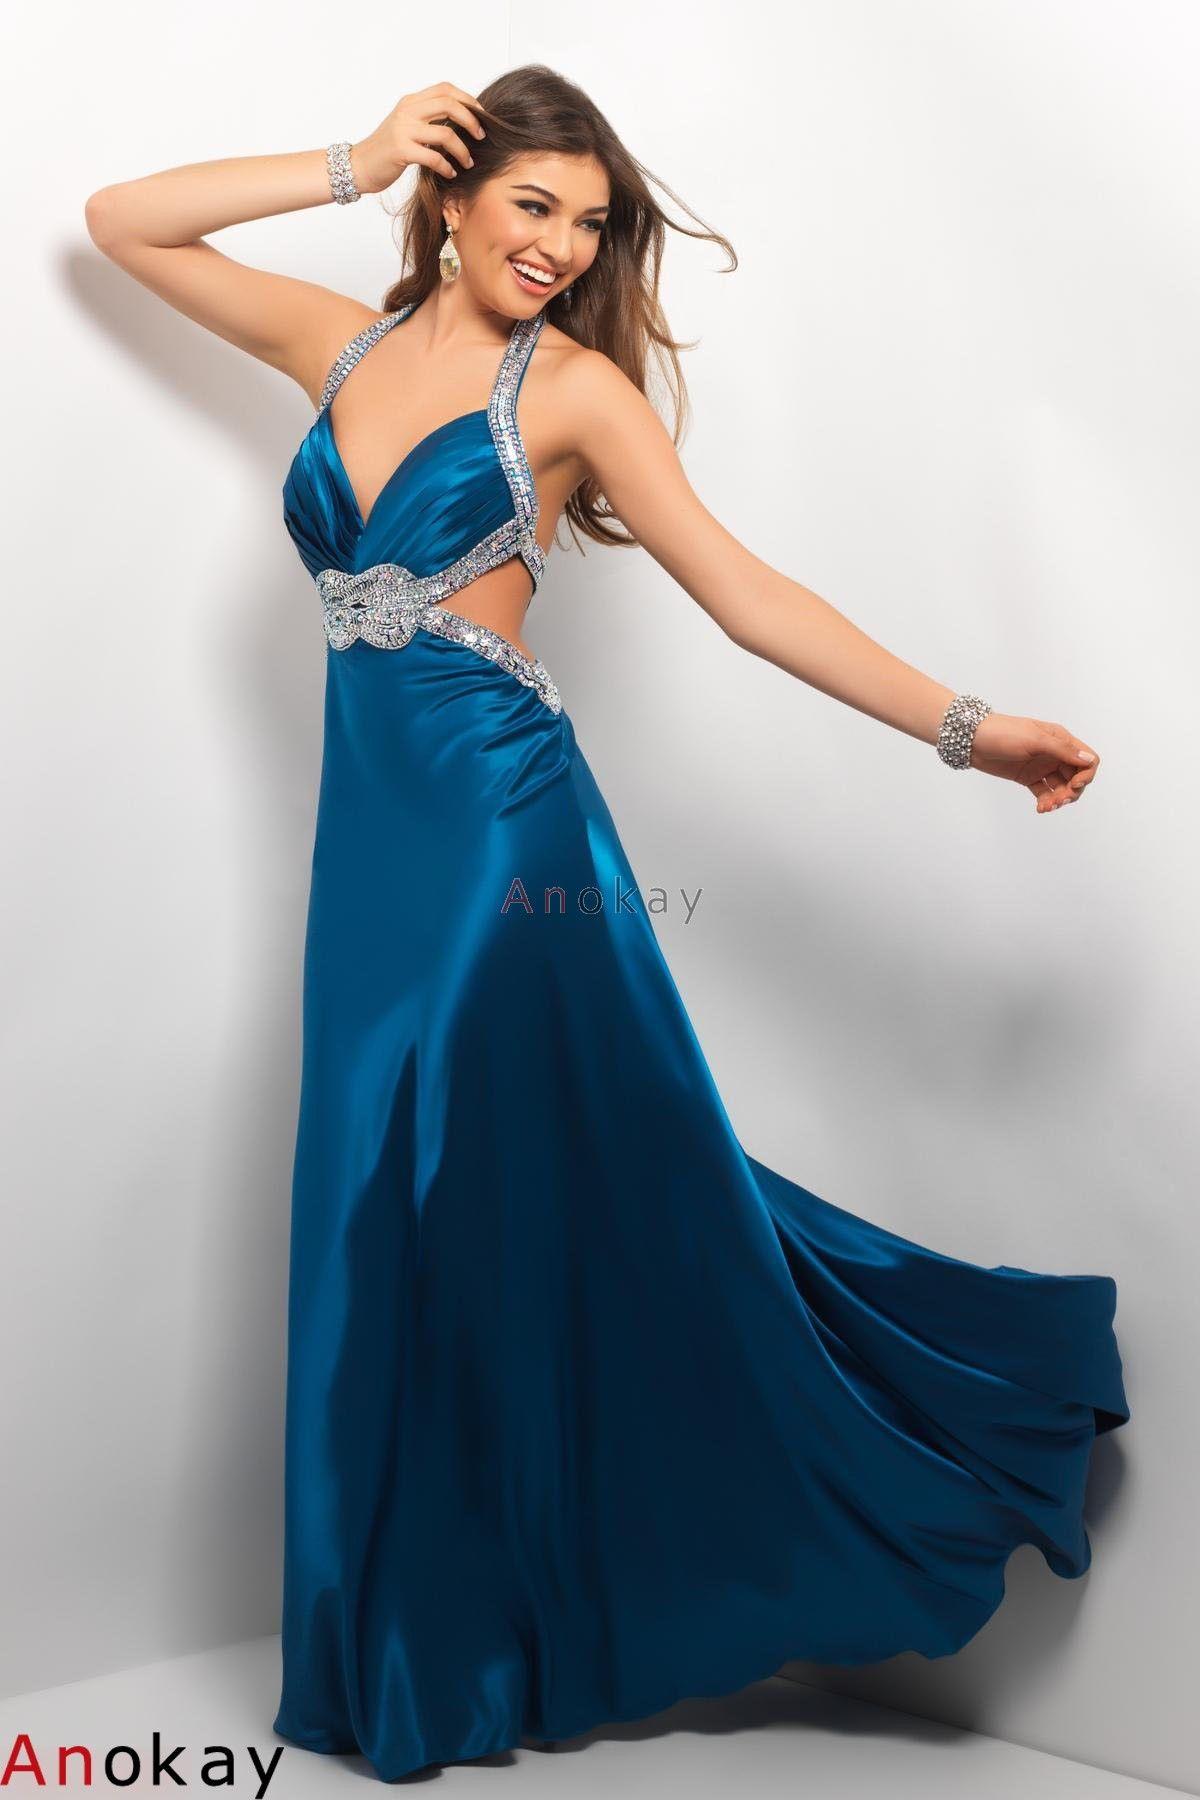 Blau Neckholder Rückenfrei Abendkleider PBP9  Abendkleid